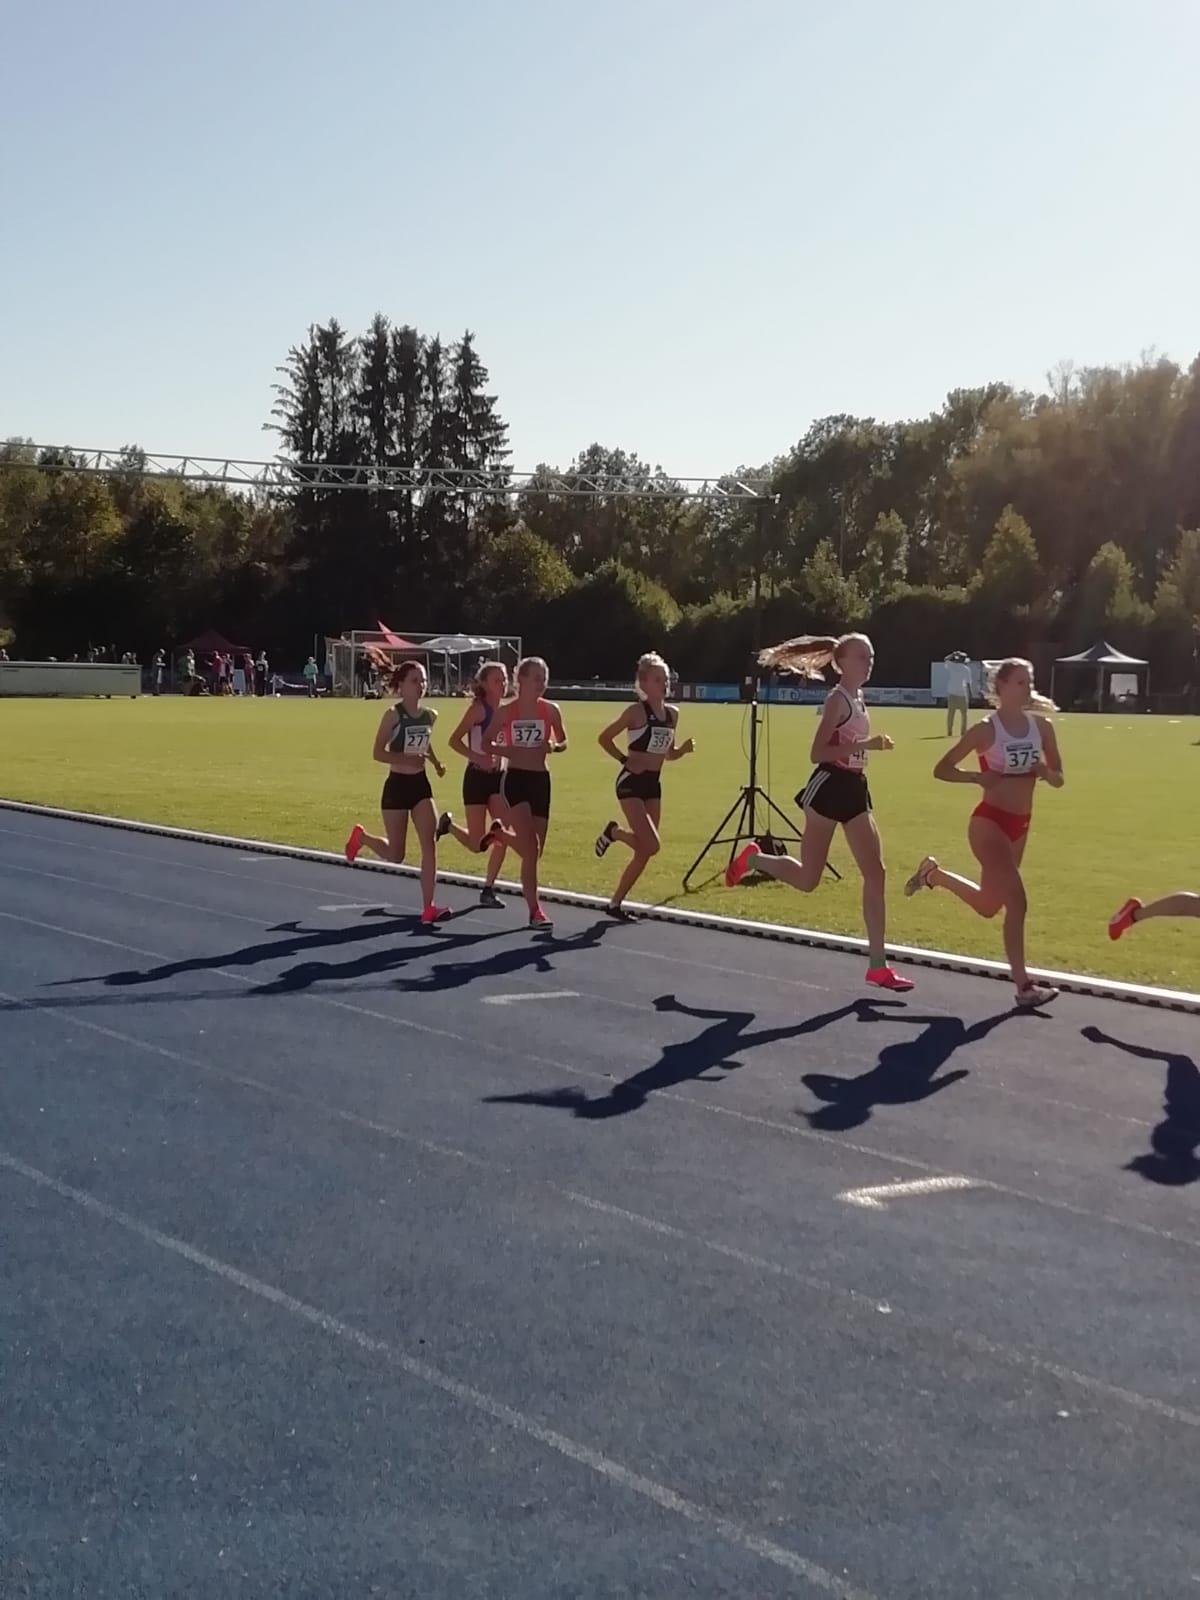 Bayerische Meisterschaften 2020 in Erding